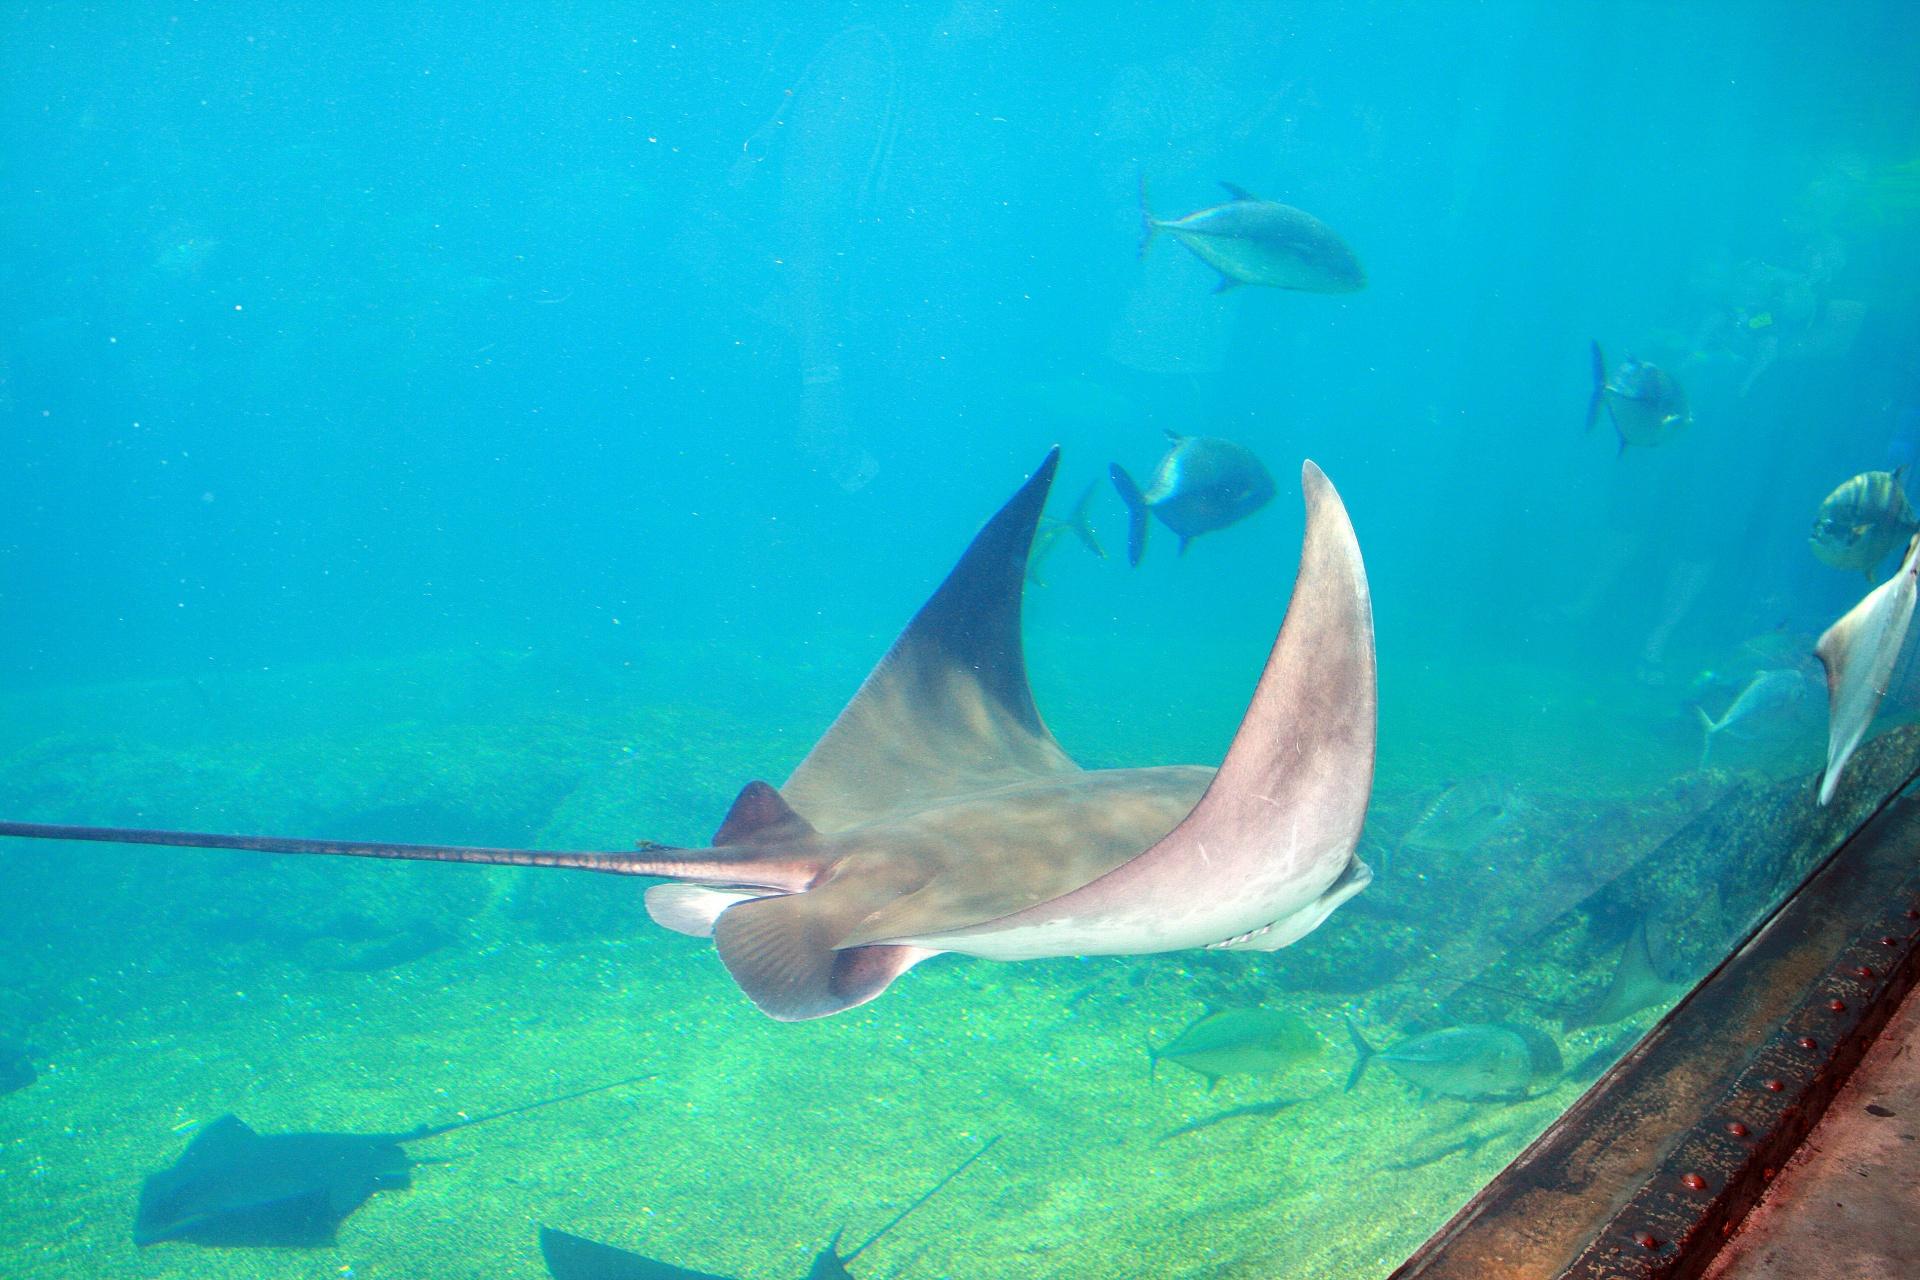 Egy cápa után a mérgesráják is megdöglöttek az új pécsi állatkertben